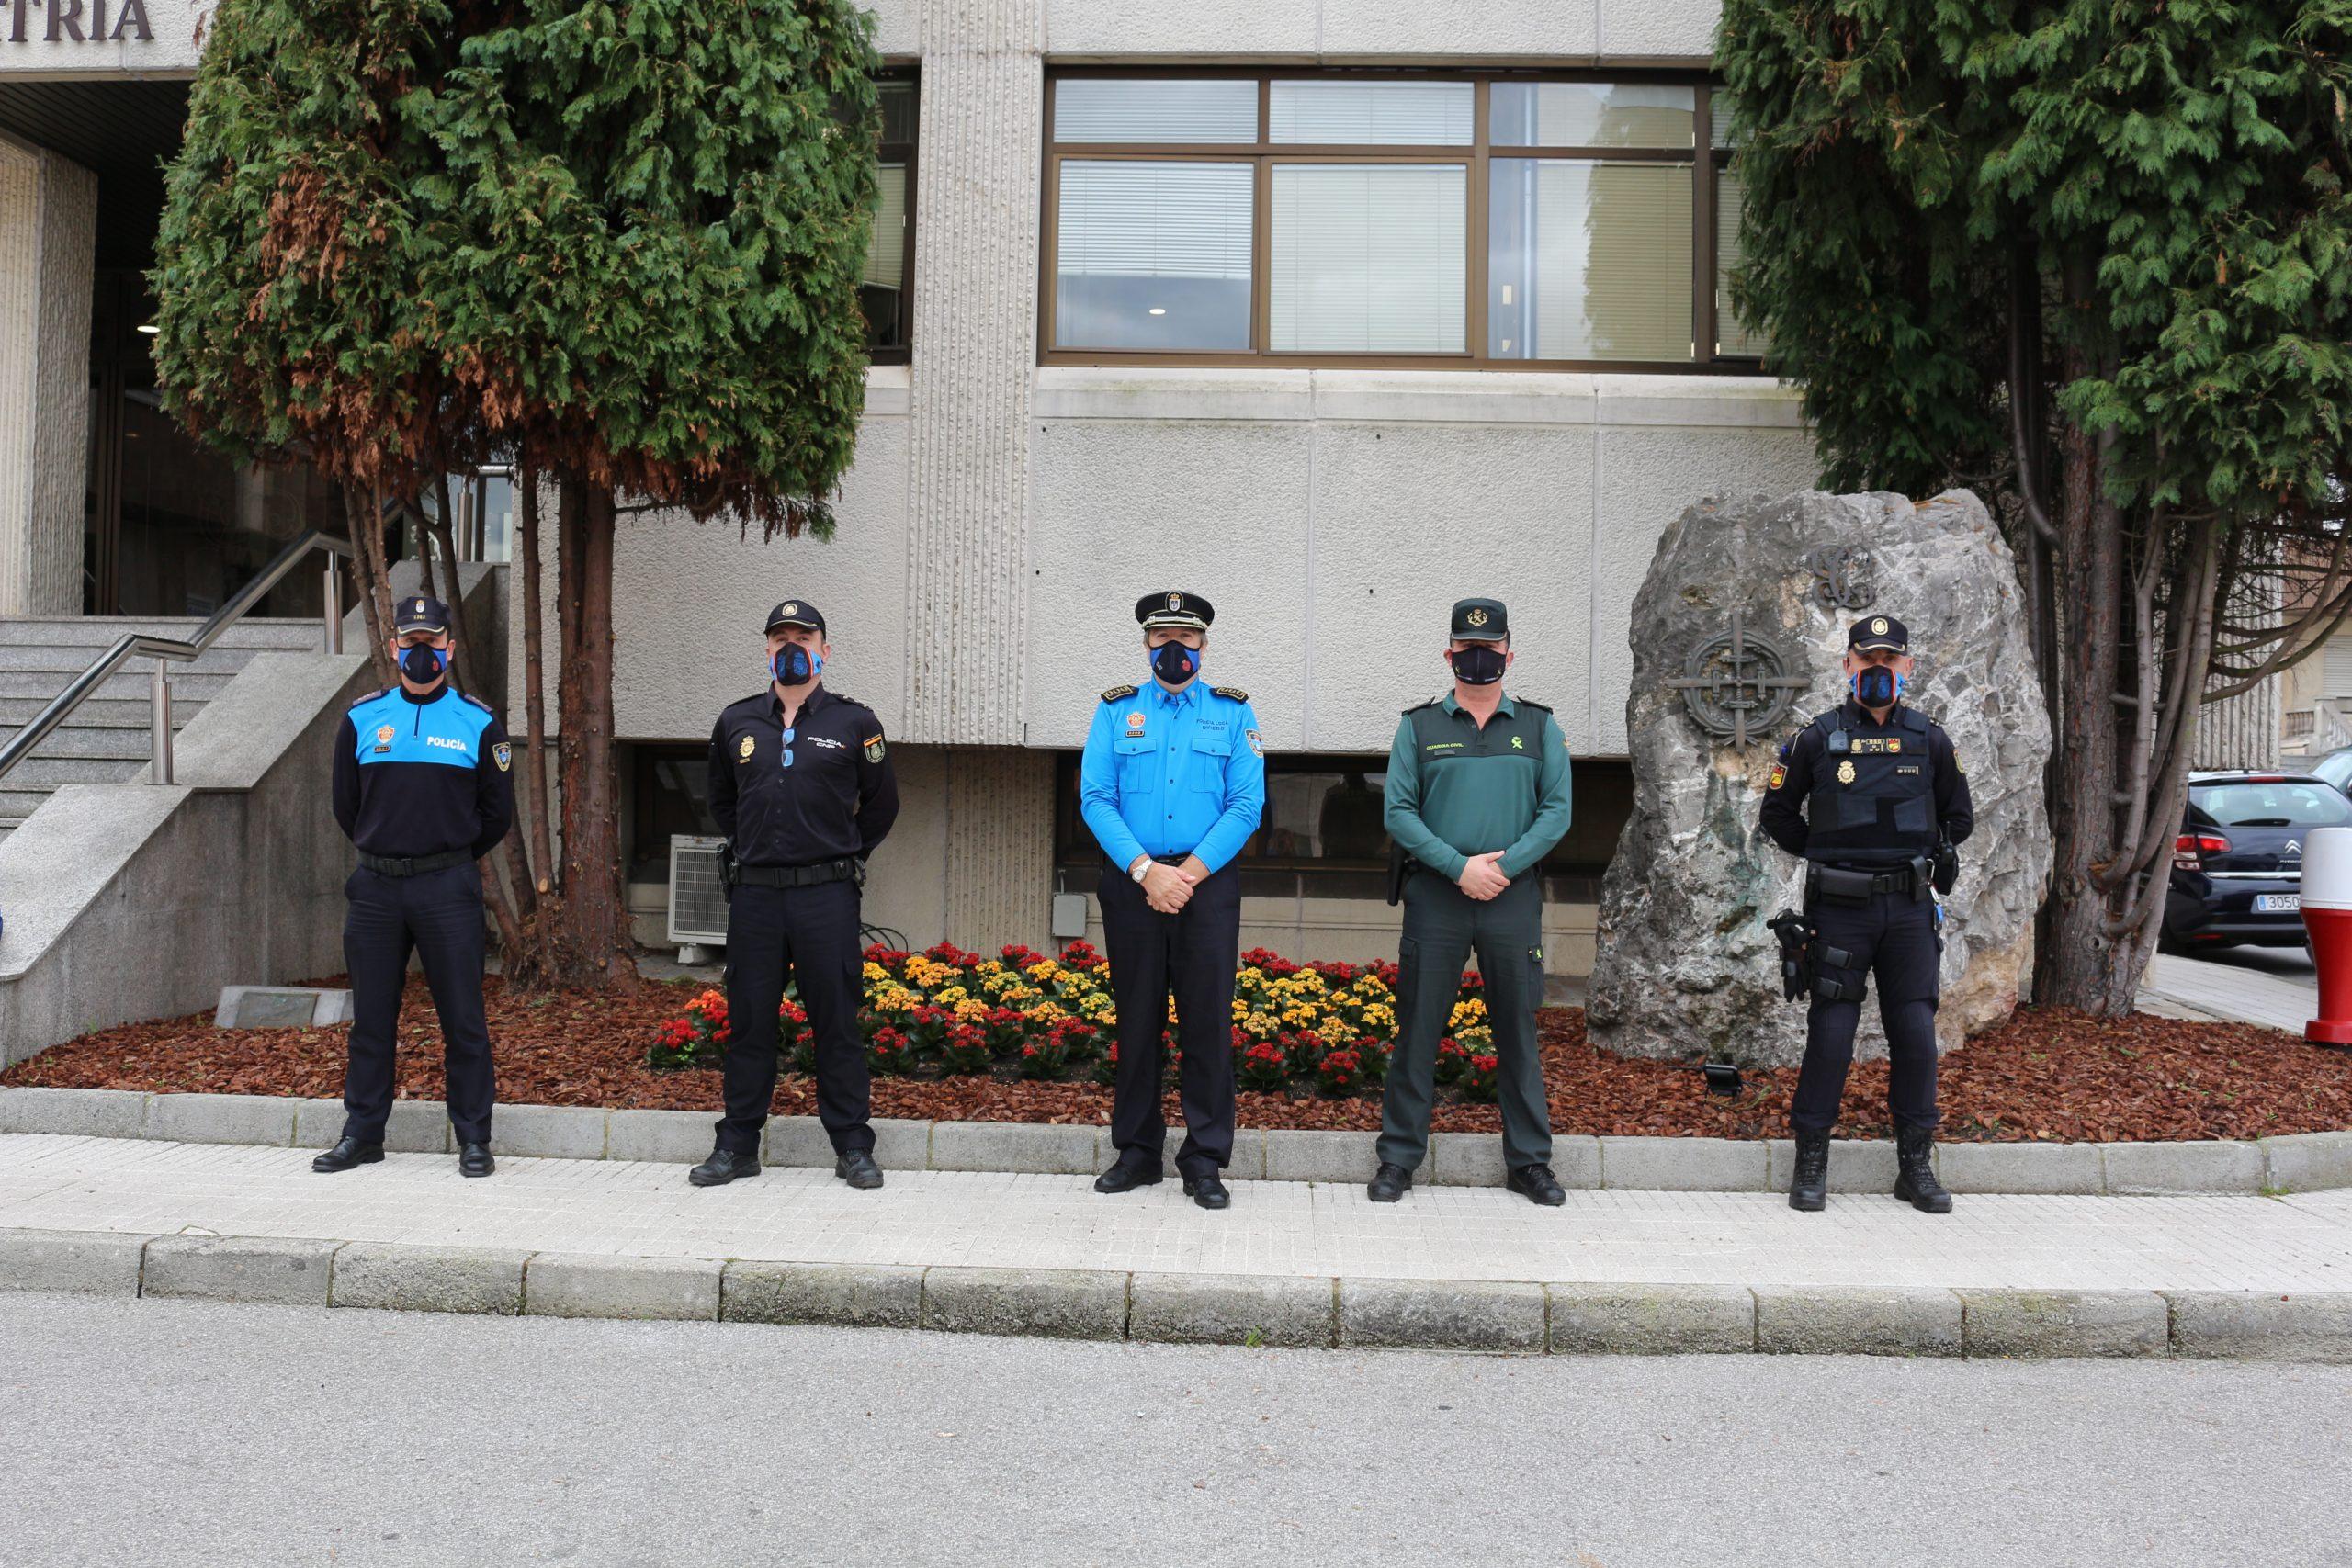 Nueva reunión de Guardia Civil, Cuerpo Nacional de Policía y Policía Local de Oviedo para coordinarse en la vigilancia de las medidas dictadas ante la pandemia.